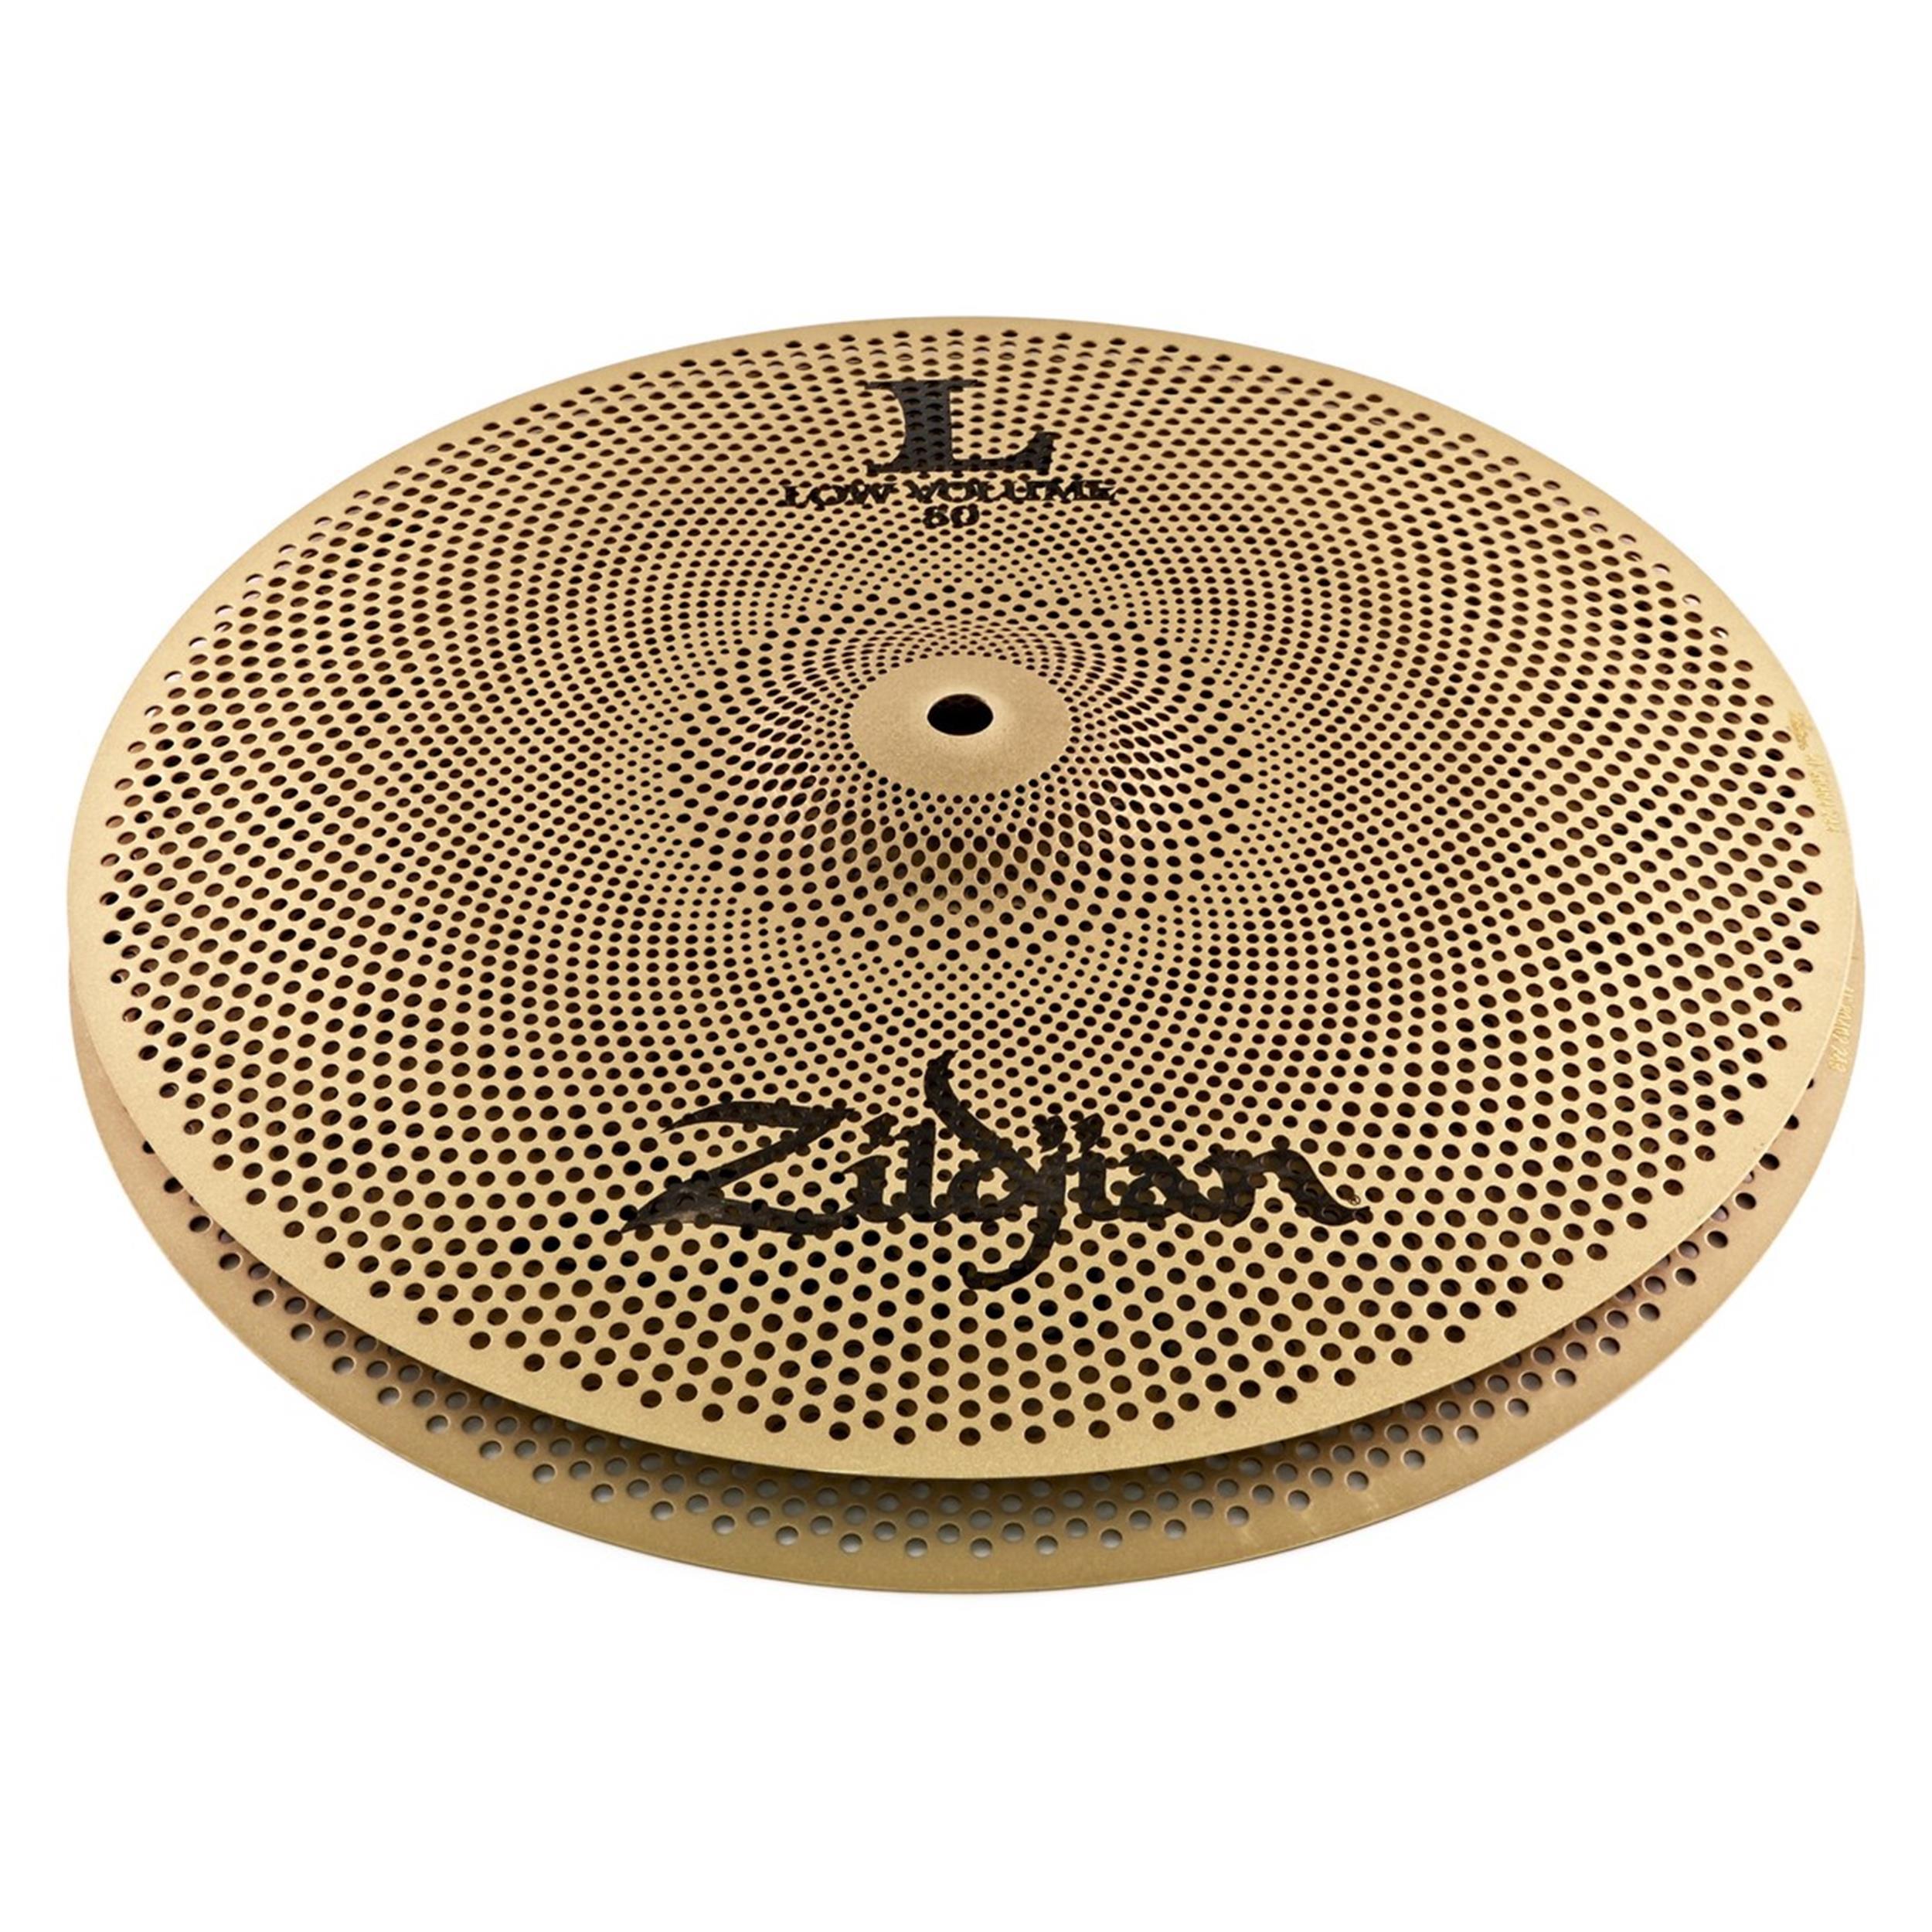 Zildjian-13-L80-Low-Volume-Hi-hat-cm-33-sku-9022057216008